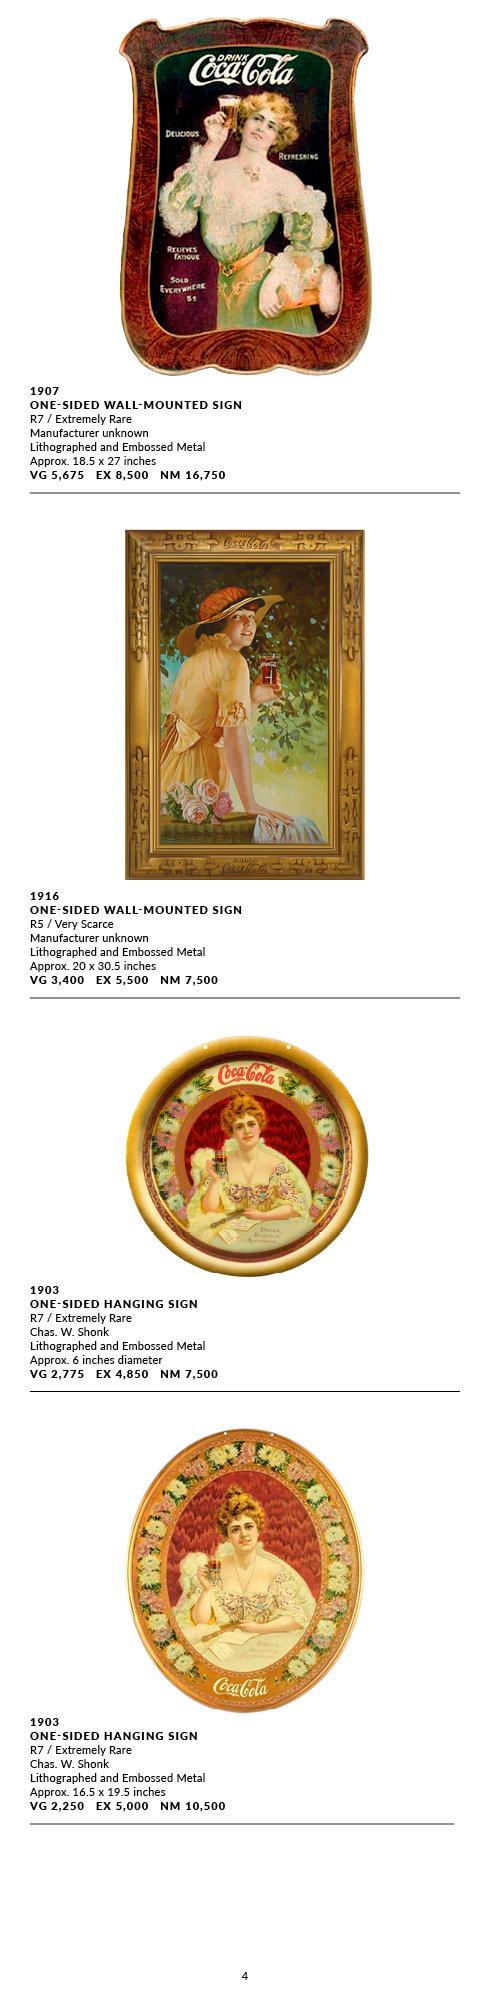 Metal Outdoor Signs 1890-1919 (2021)4.jp